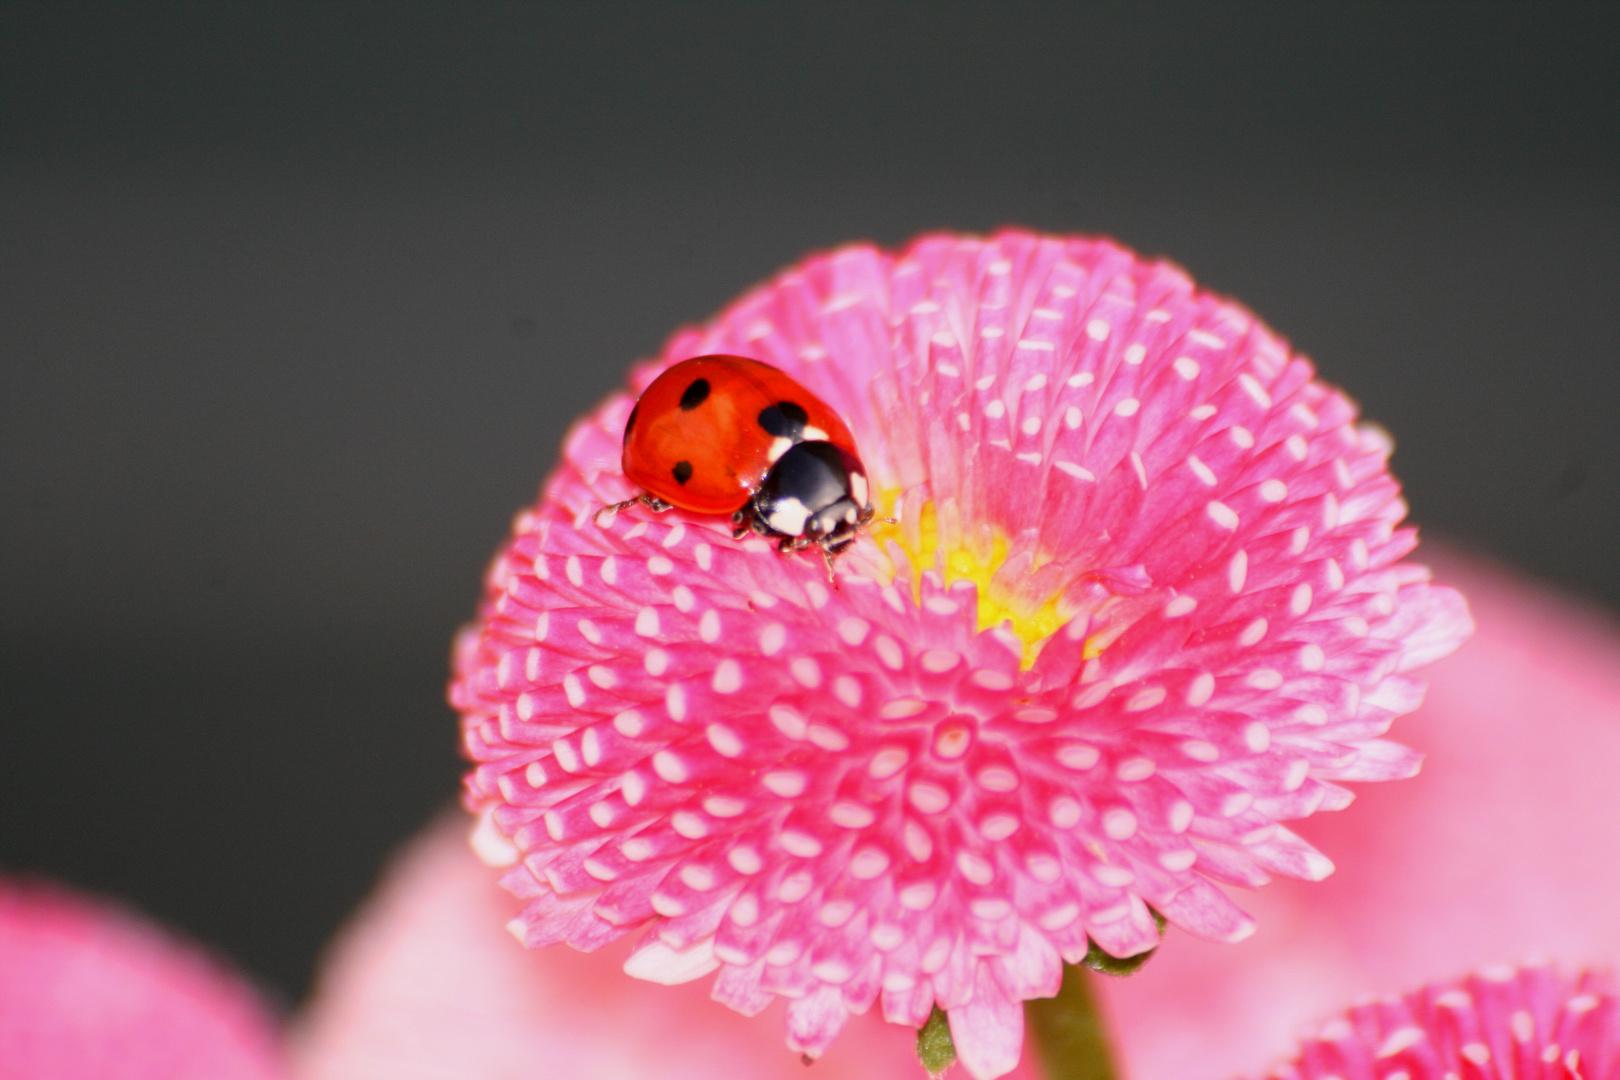 Besuch auf der Blume